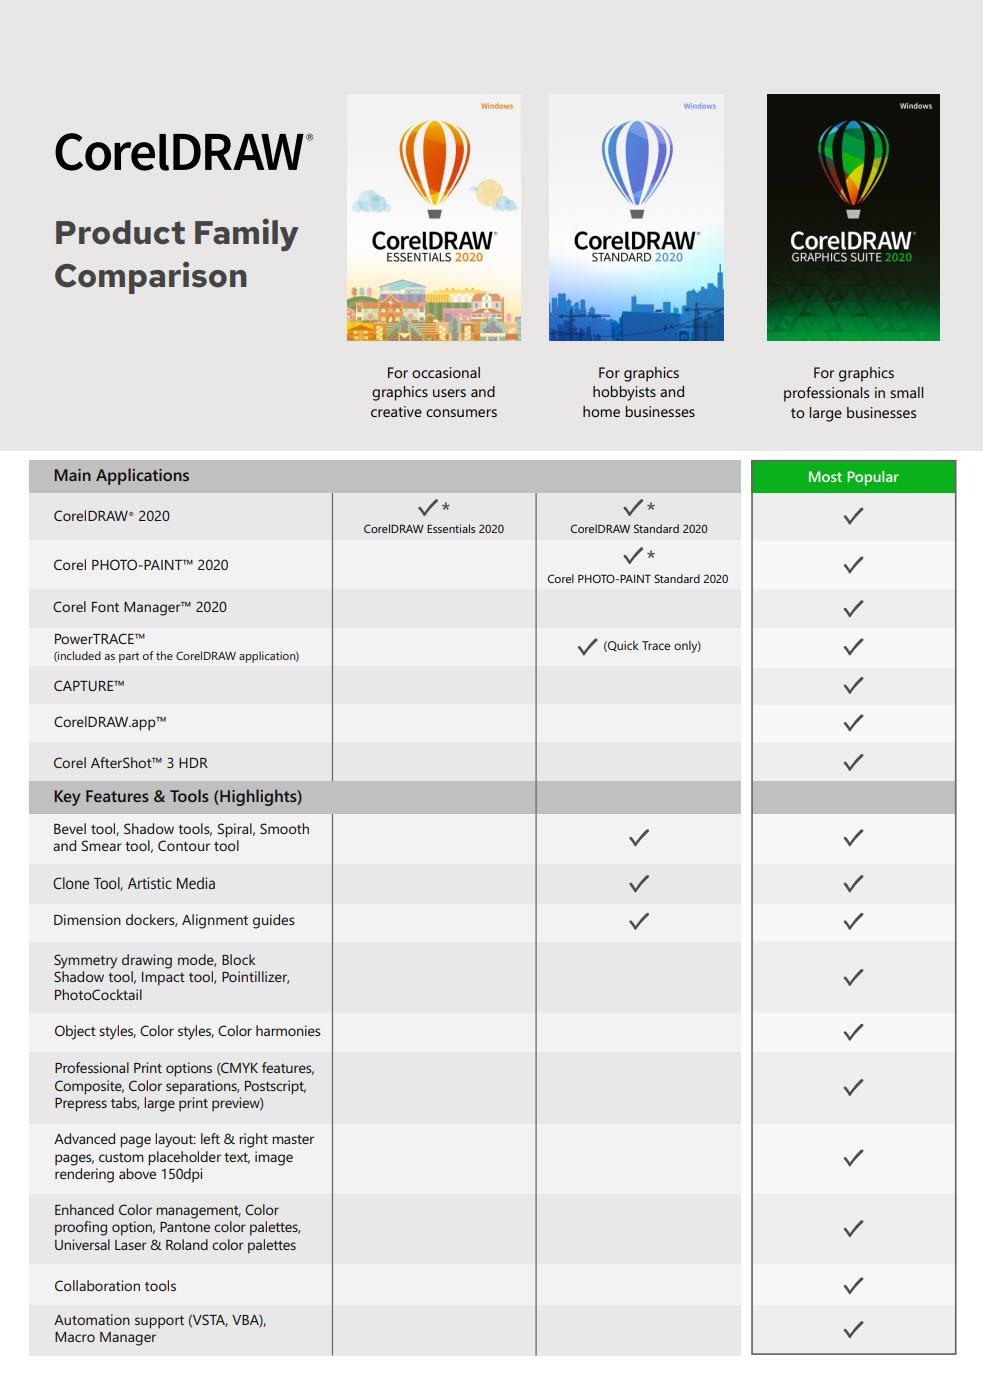 Sammenlign alle 3 versioner af CorelDRAW